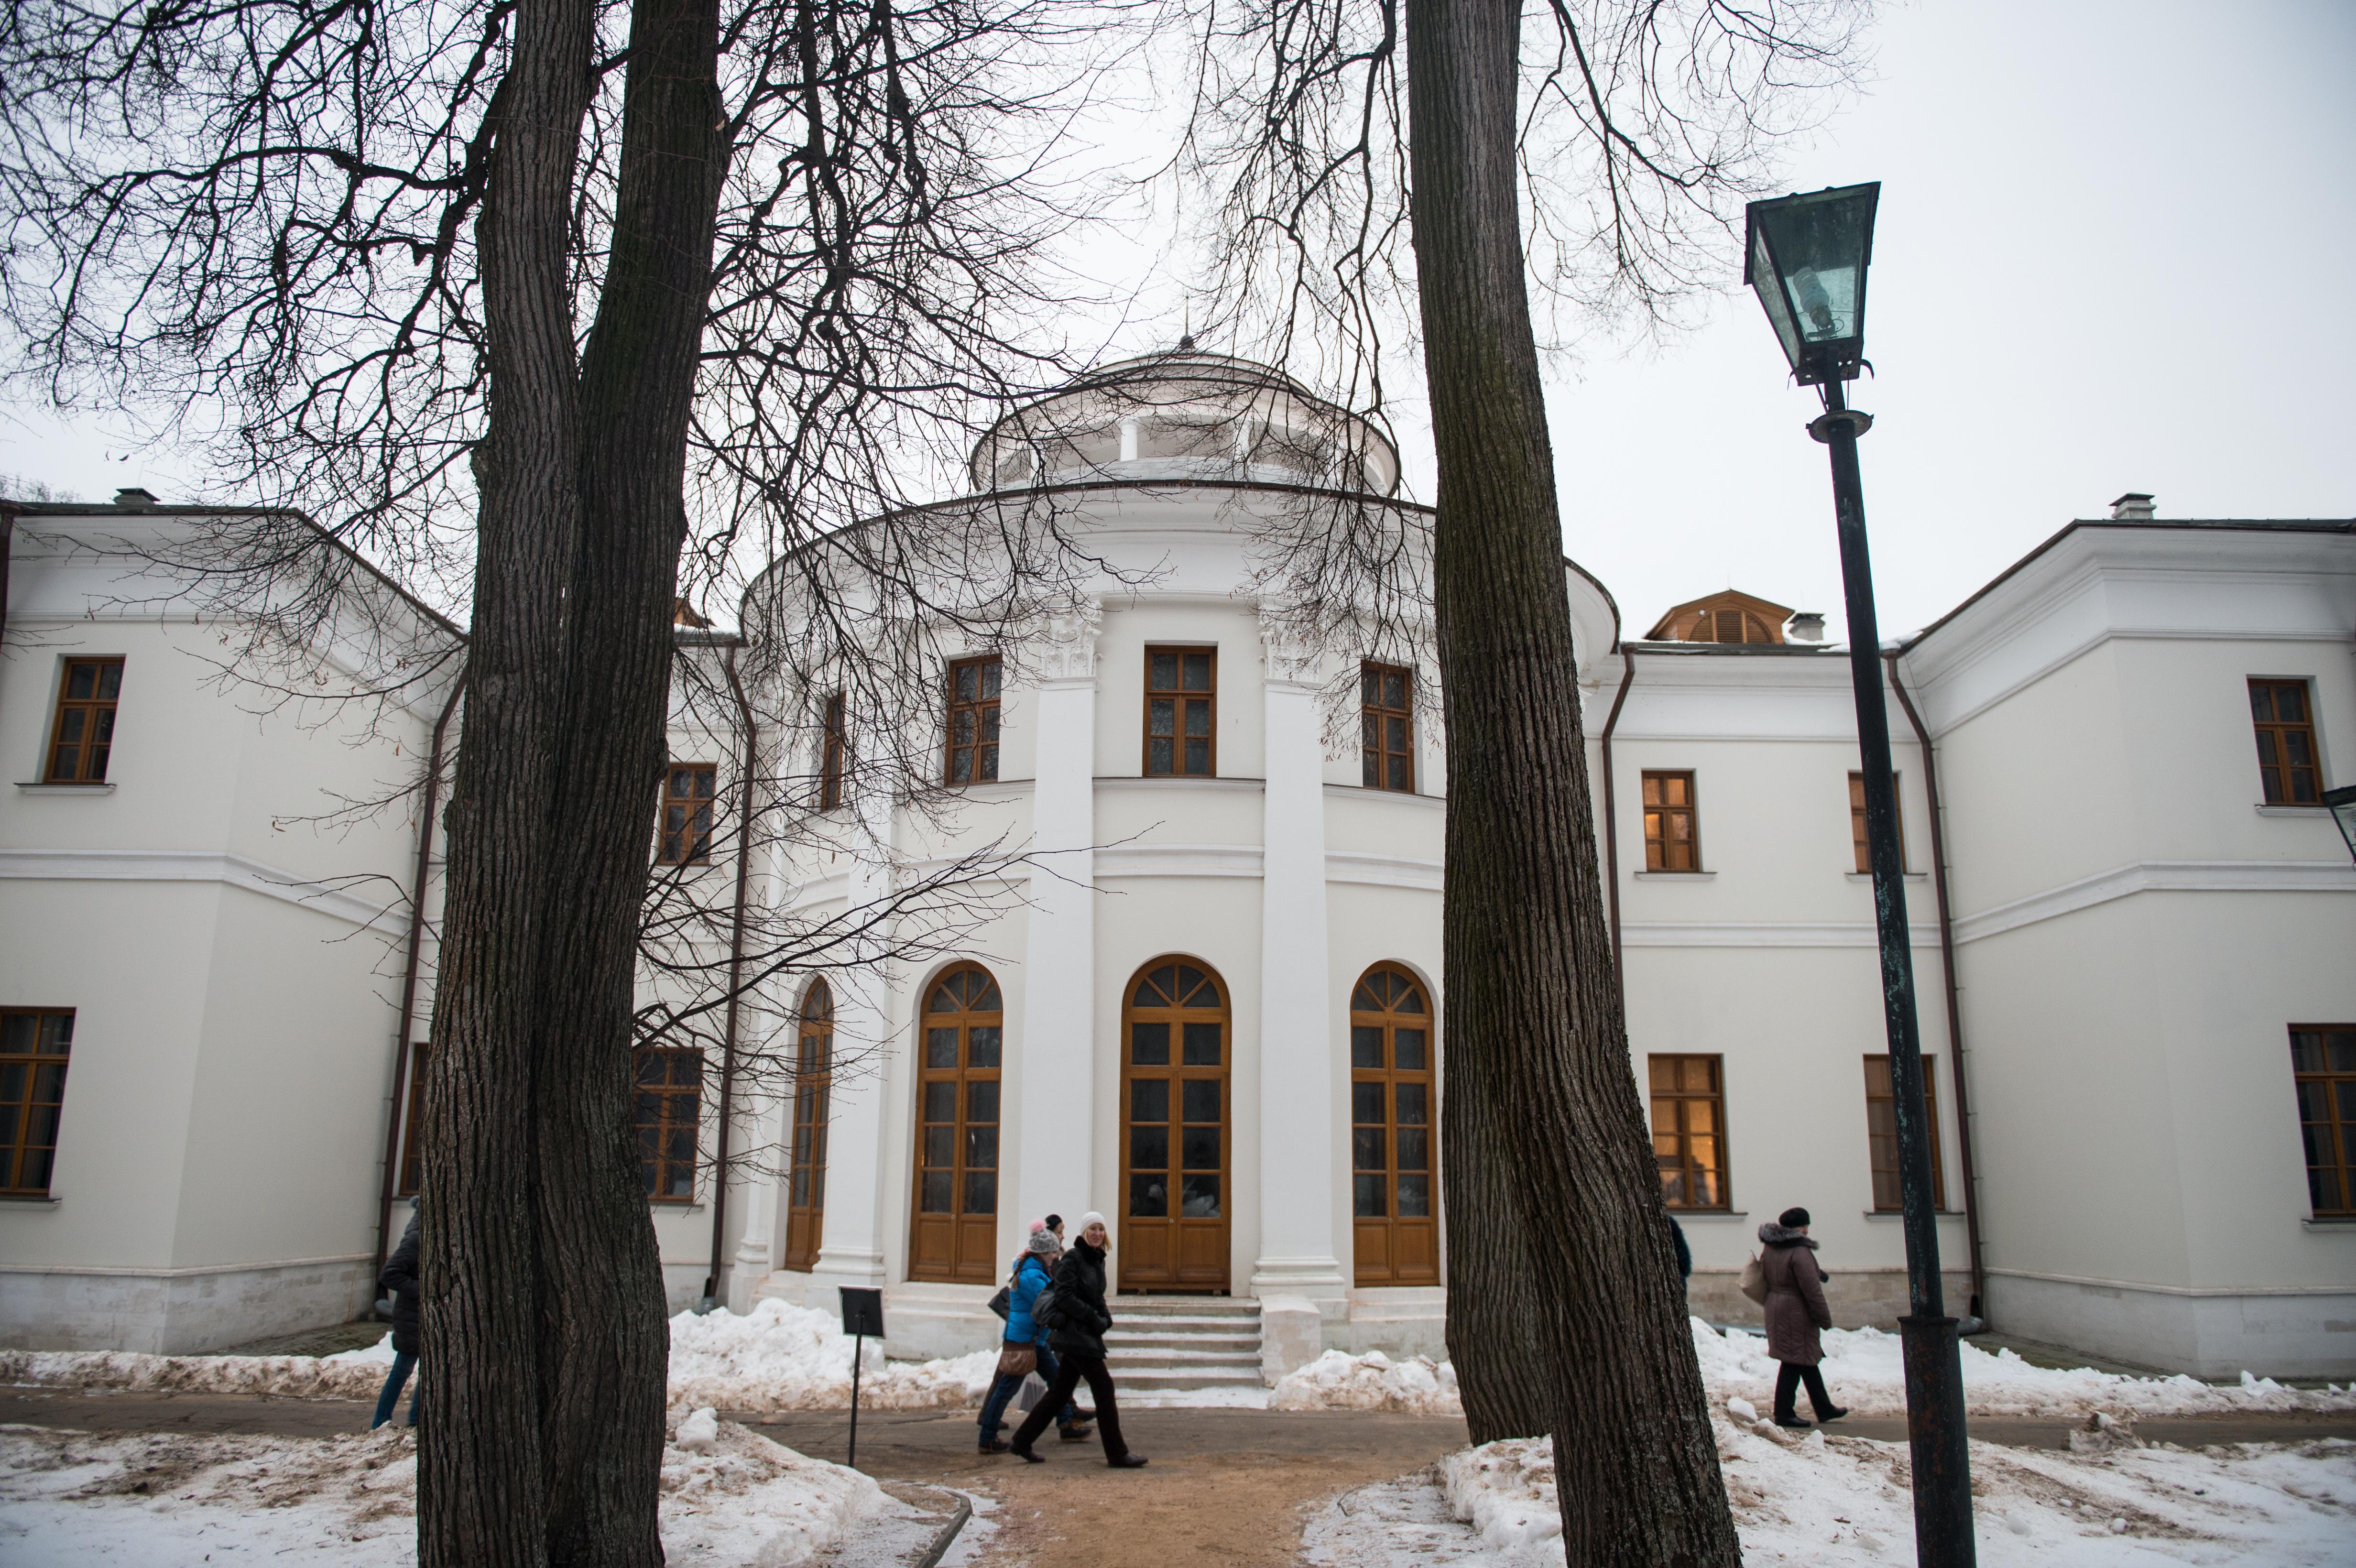 Музей-усадьба Остафьево в селе Остафьево